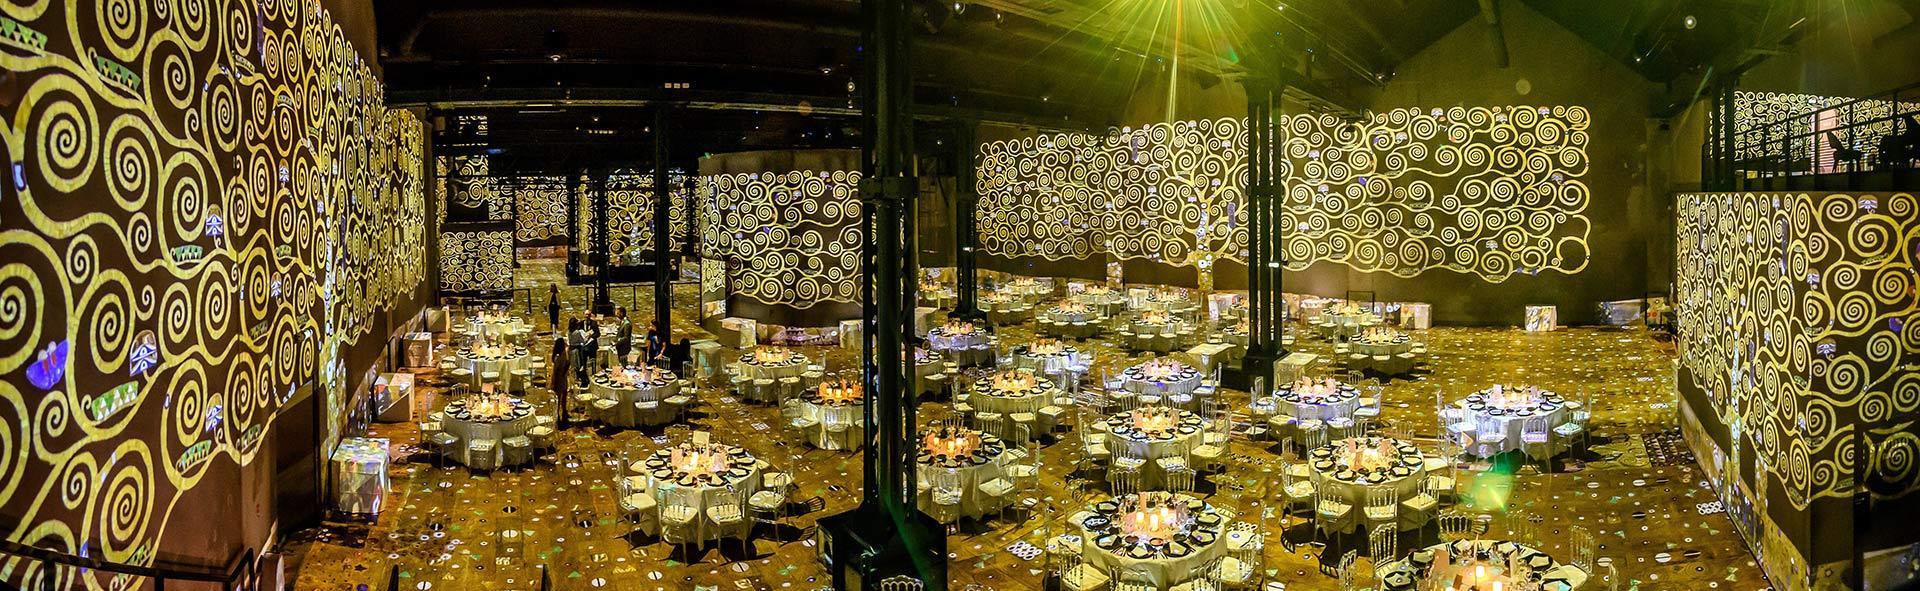 Photographe de L'Atelier des Lumières - Exposition Klimt